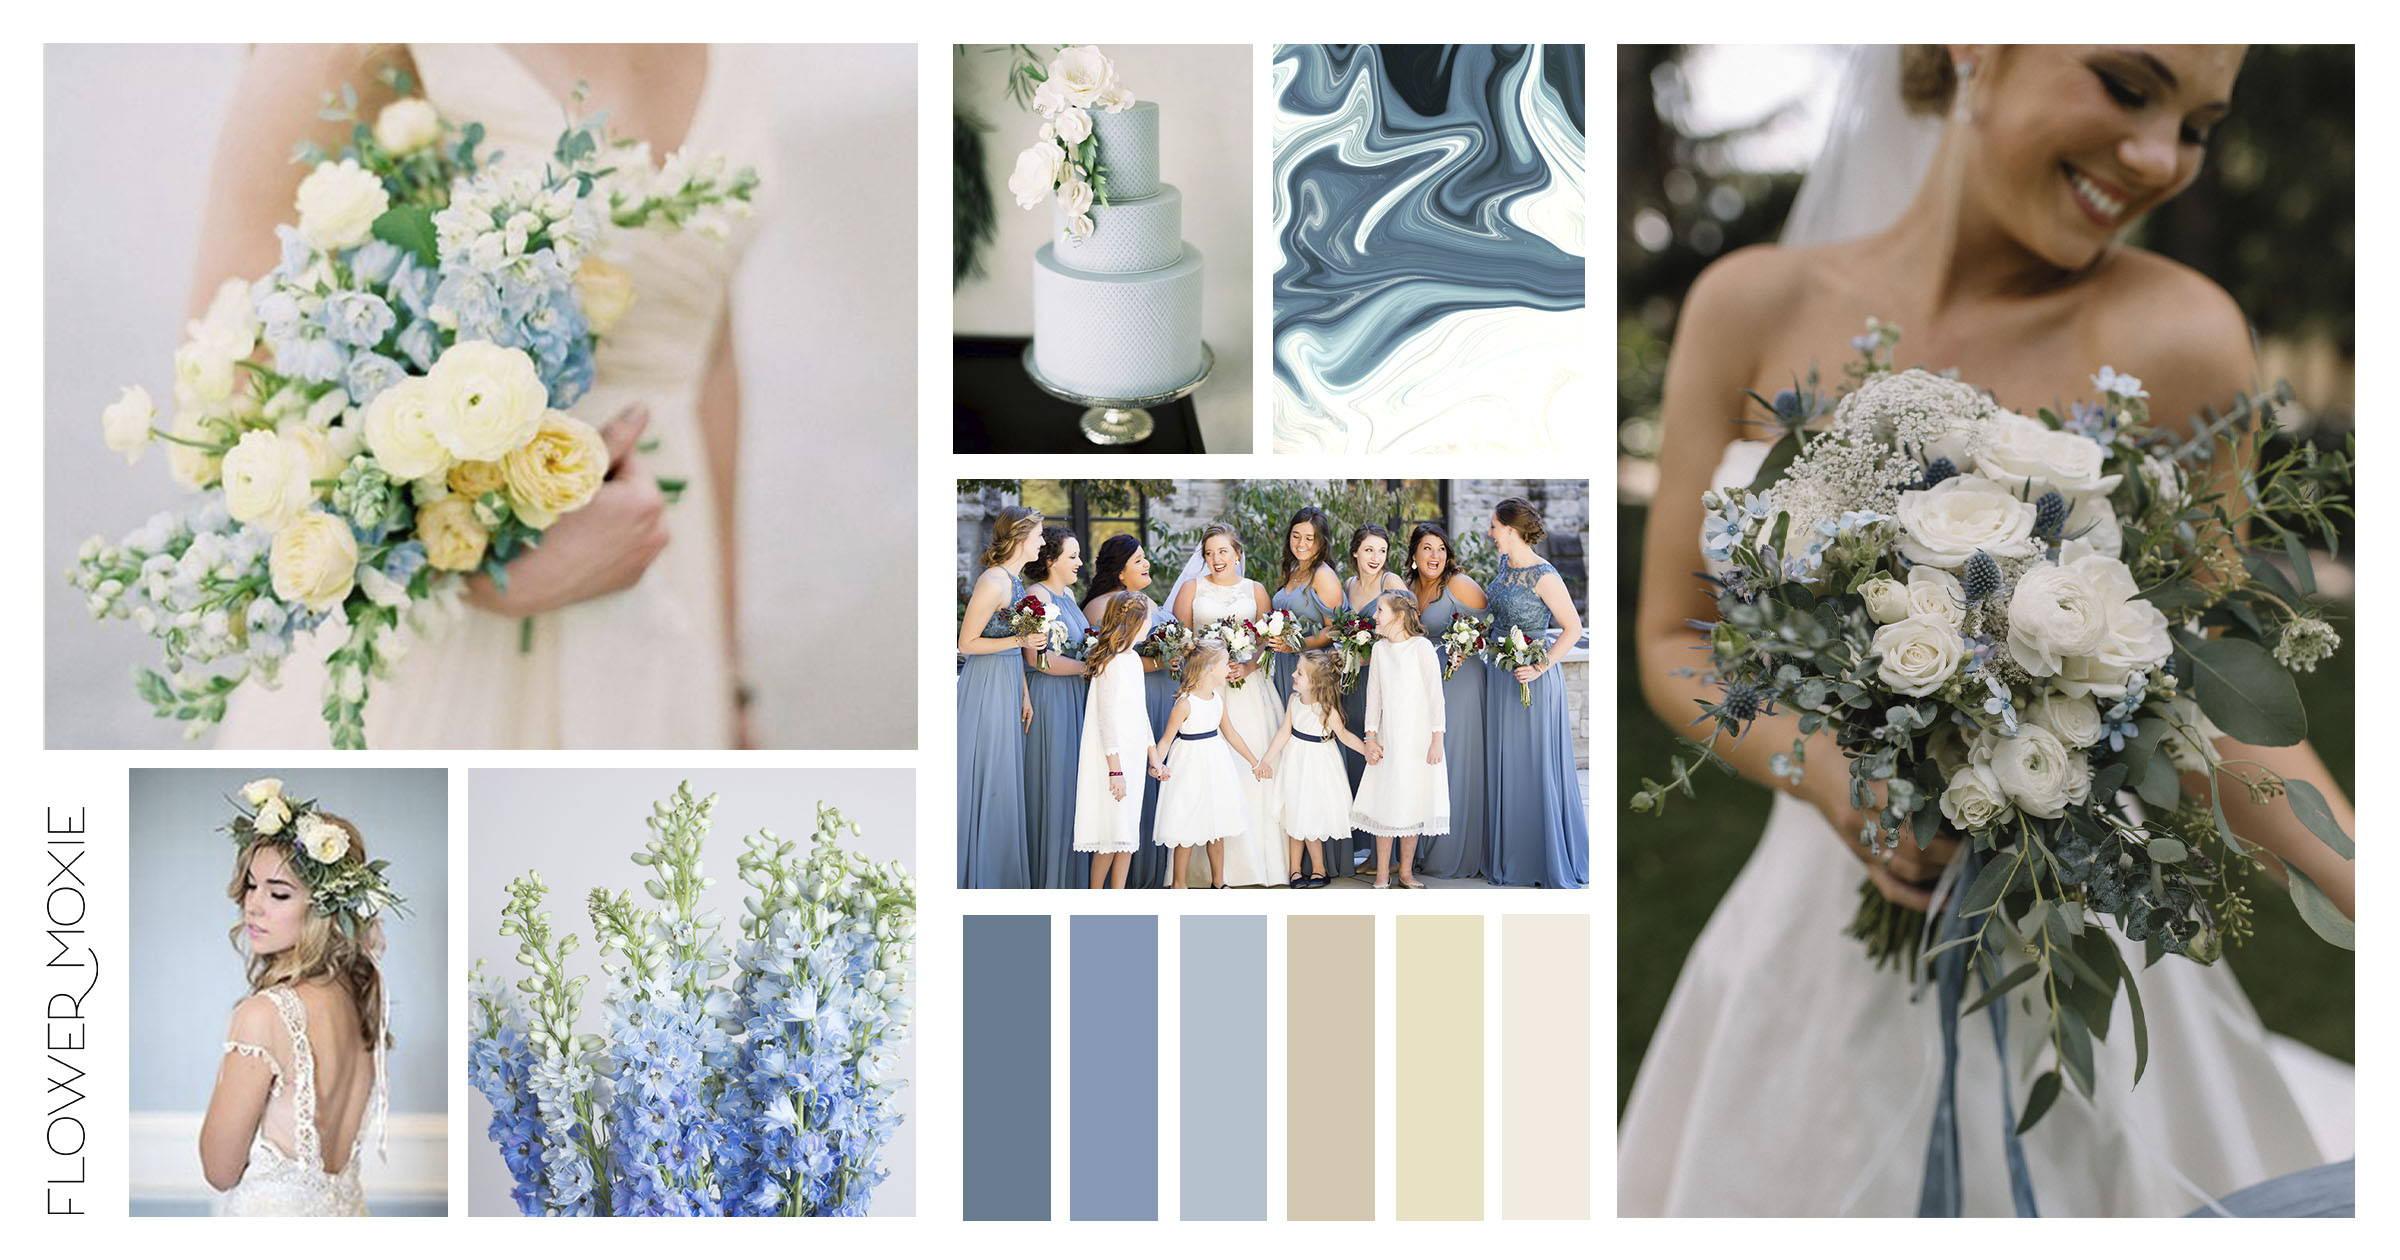 Dusty Blue Cream Wedding Flower Moodboard Diy Wedding Flower Packages Flower Moxie